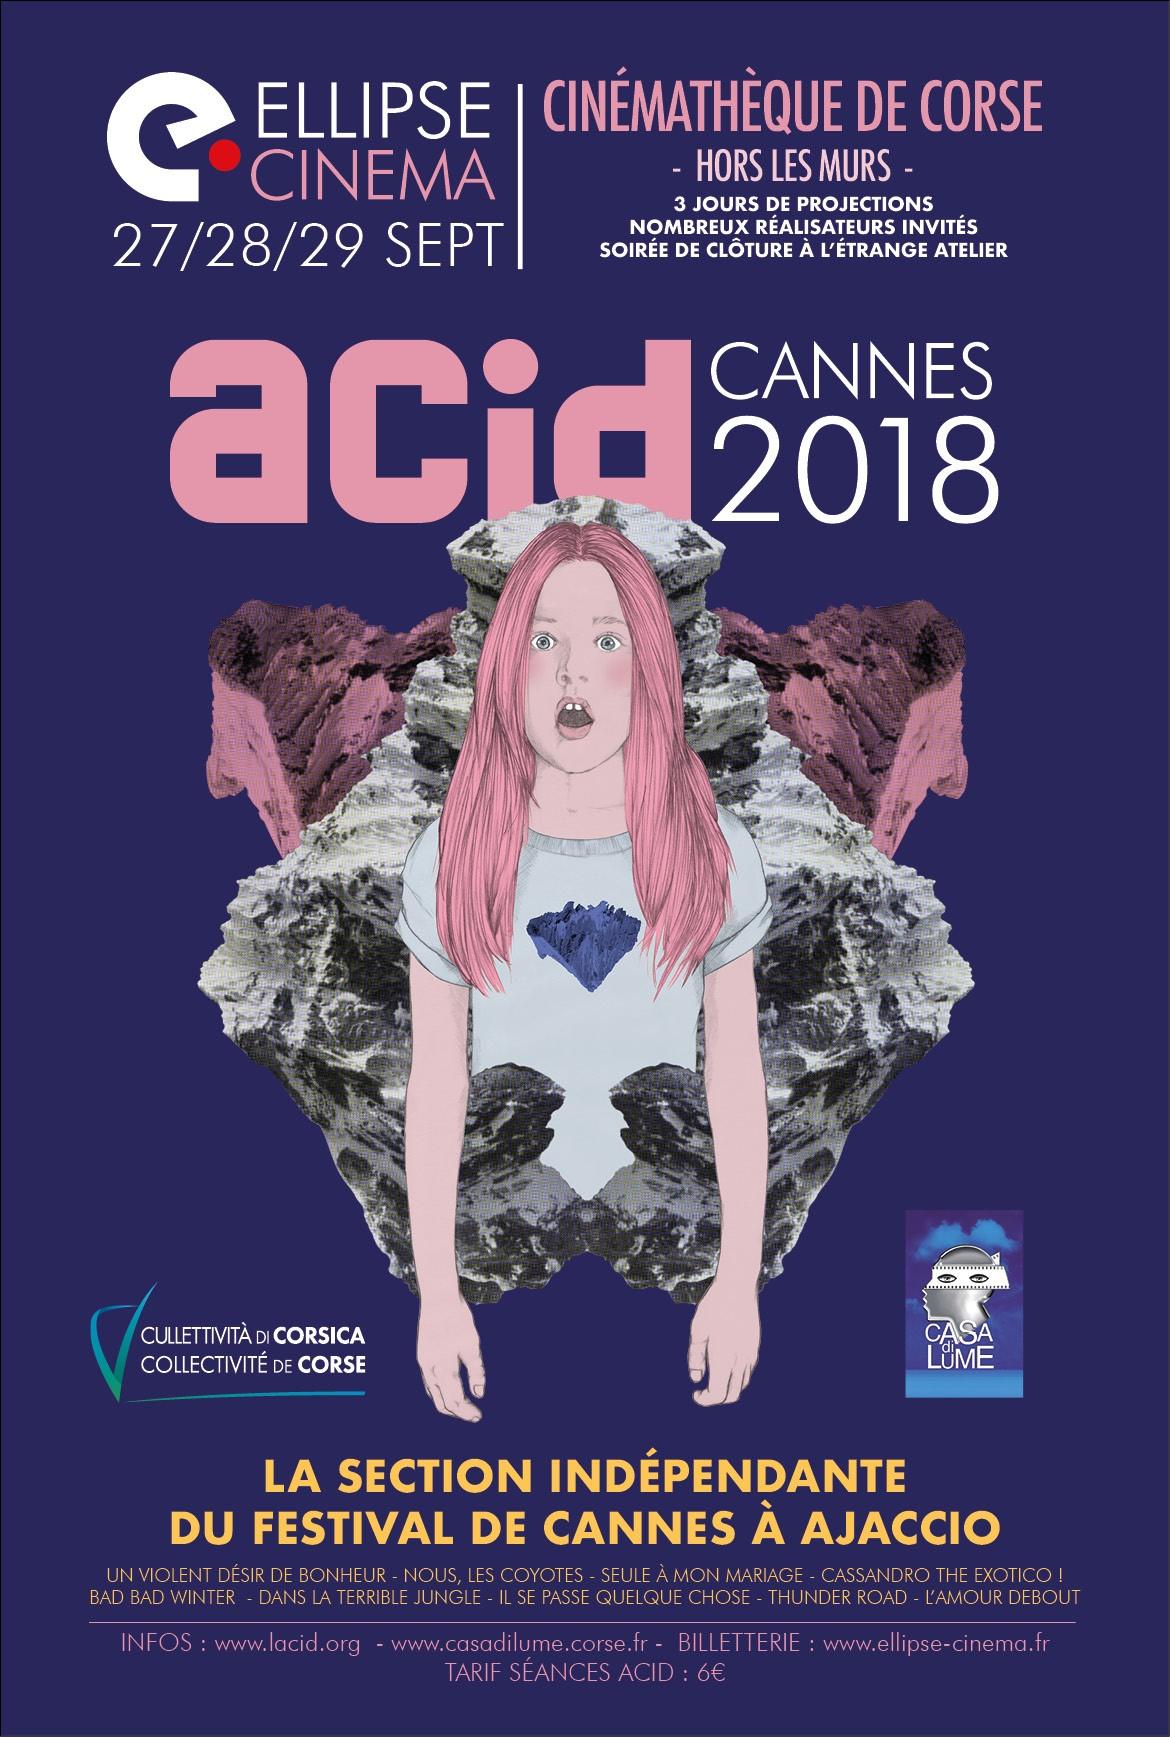 Reprise de la programmation ACID CANNES 2018 à L'Ellipse Cinéma à Ajaccio,les 27, 28 et 29 septembre 2018.